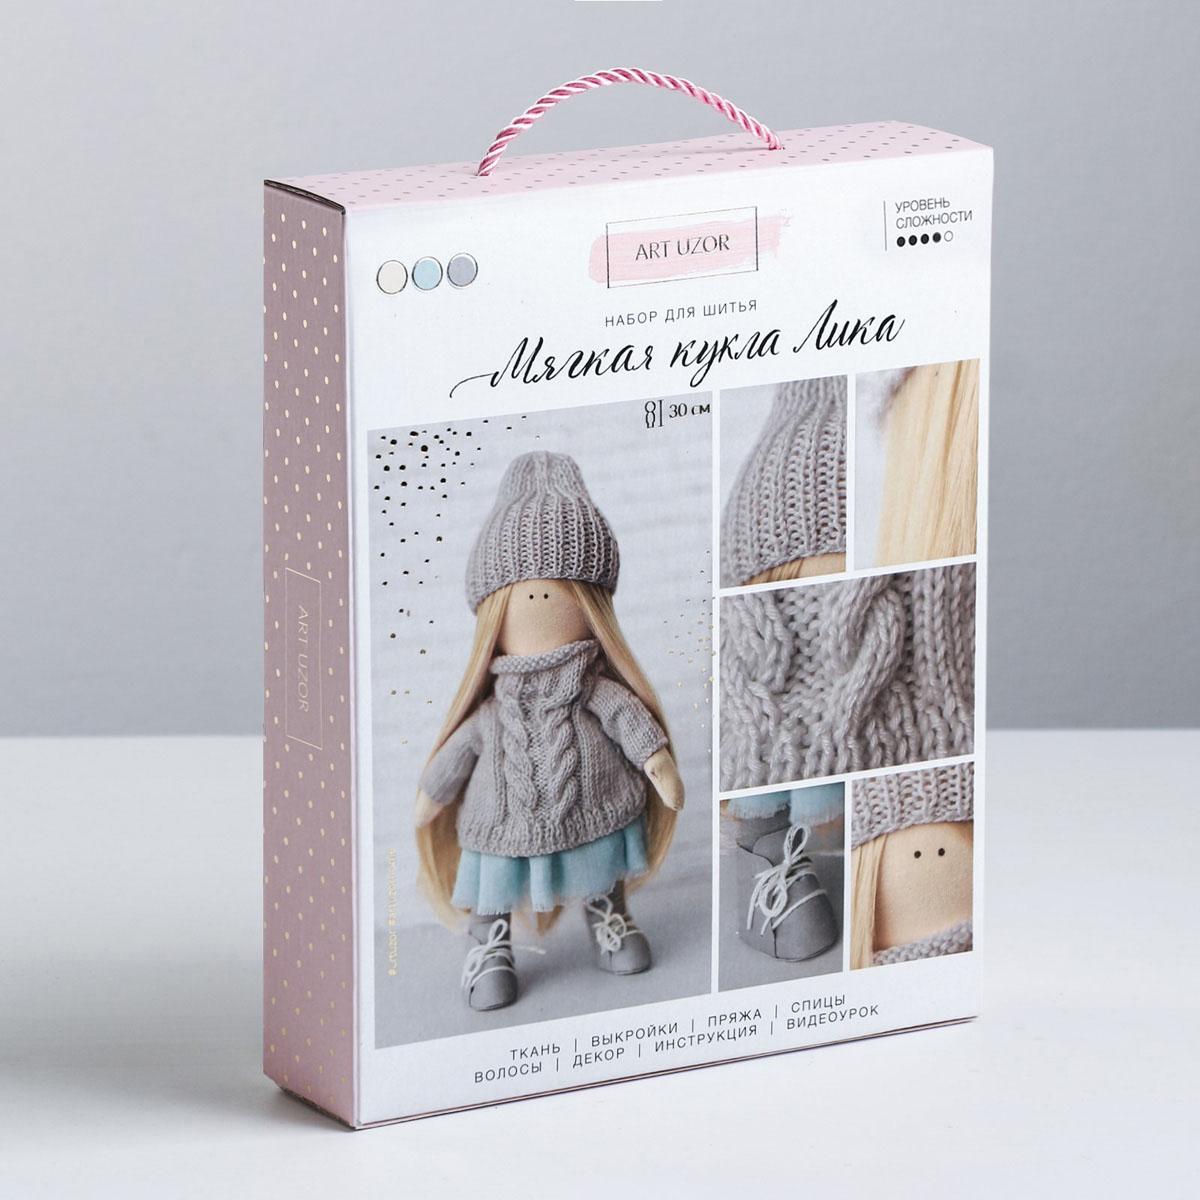 3548669 Интерьерная кукла 'Лика', набор для шитья, 18*22.5*4.5 см